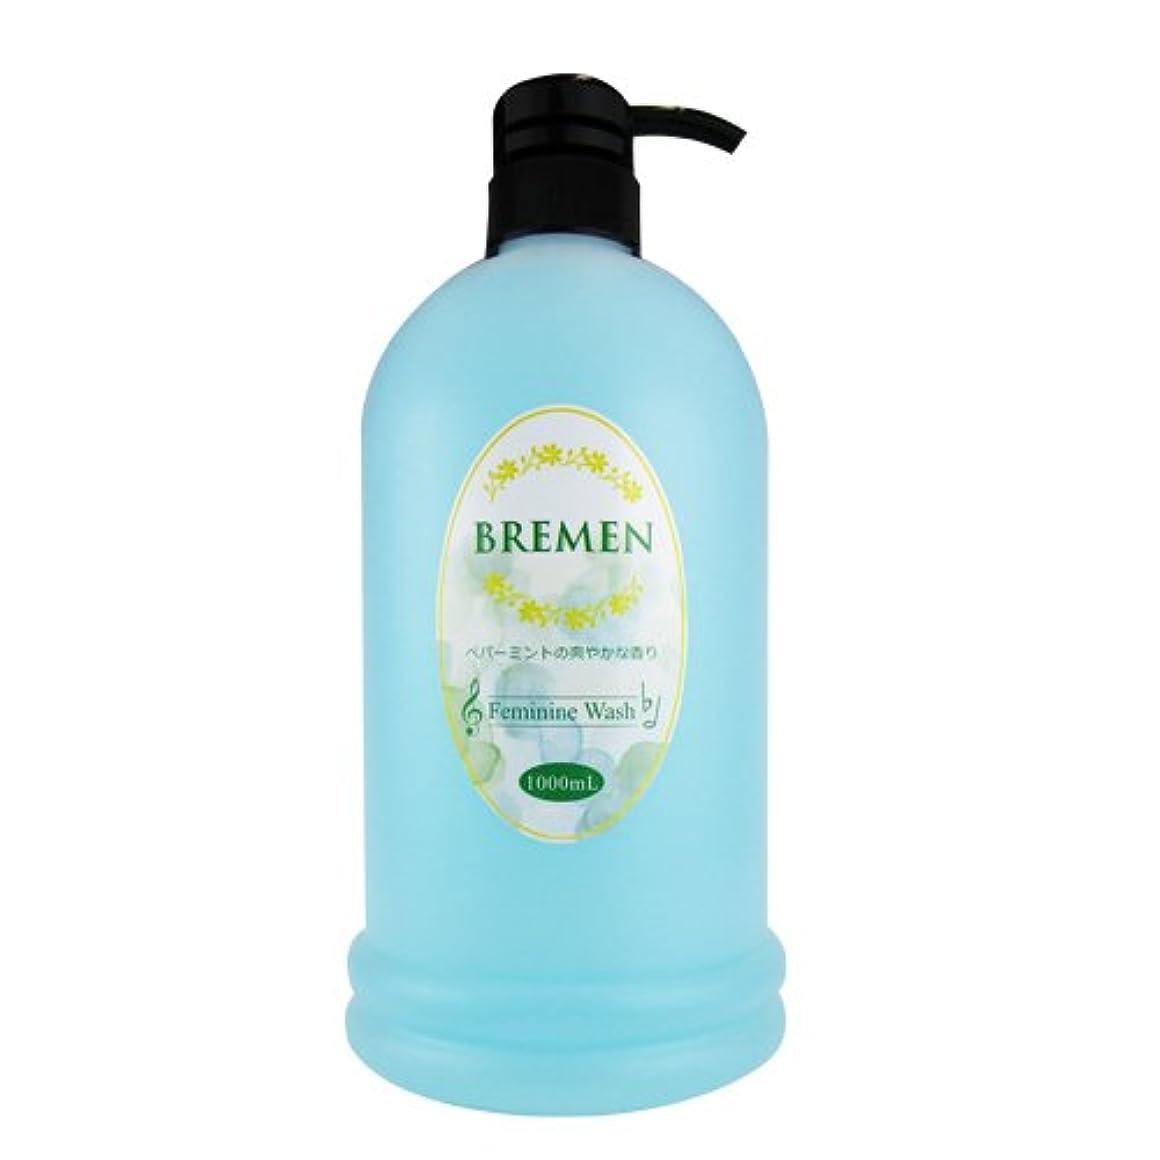 うねるバースデンマークブレーメン(BREMEN) フェミニンウォッシュ(Feminine Wash) 1000ml ペパーミントの爽やかな香り